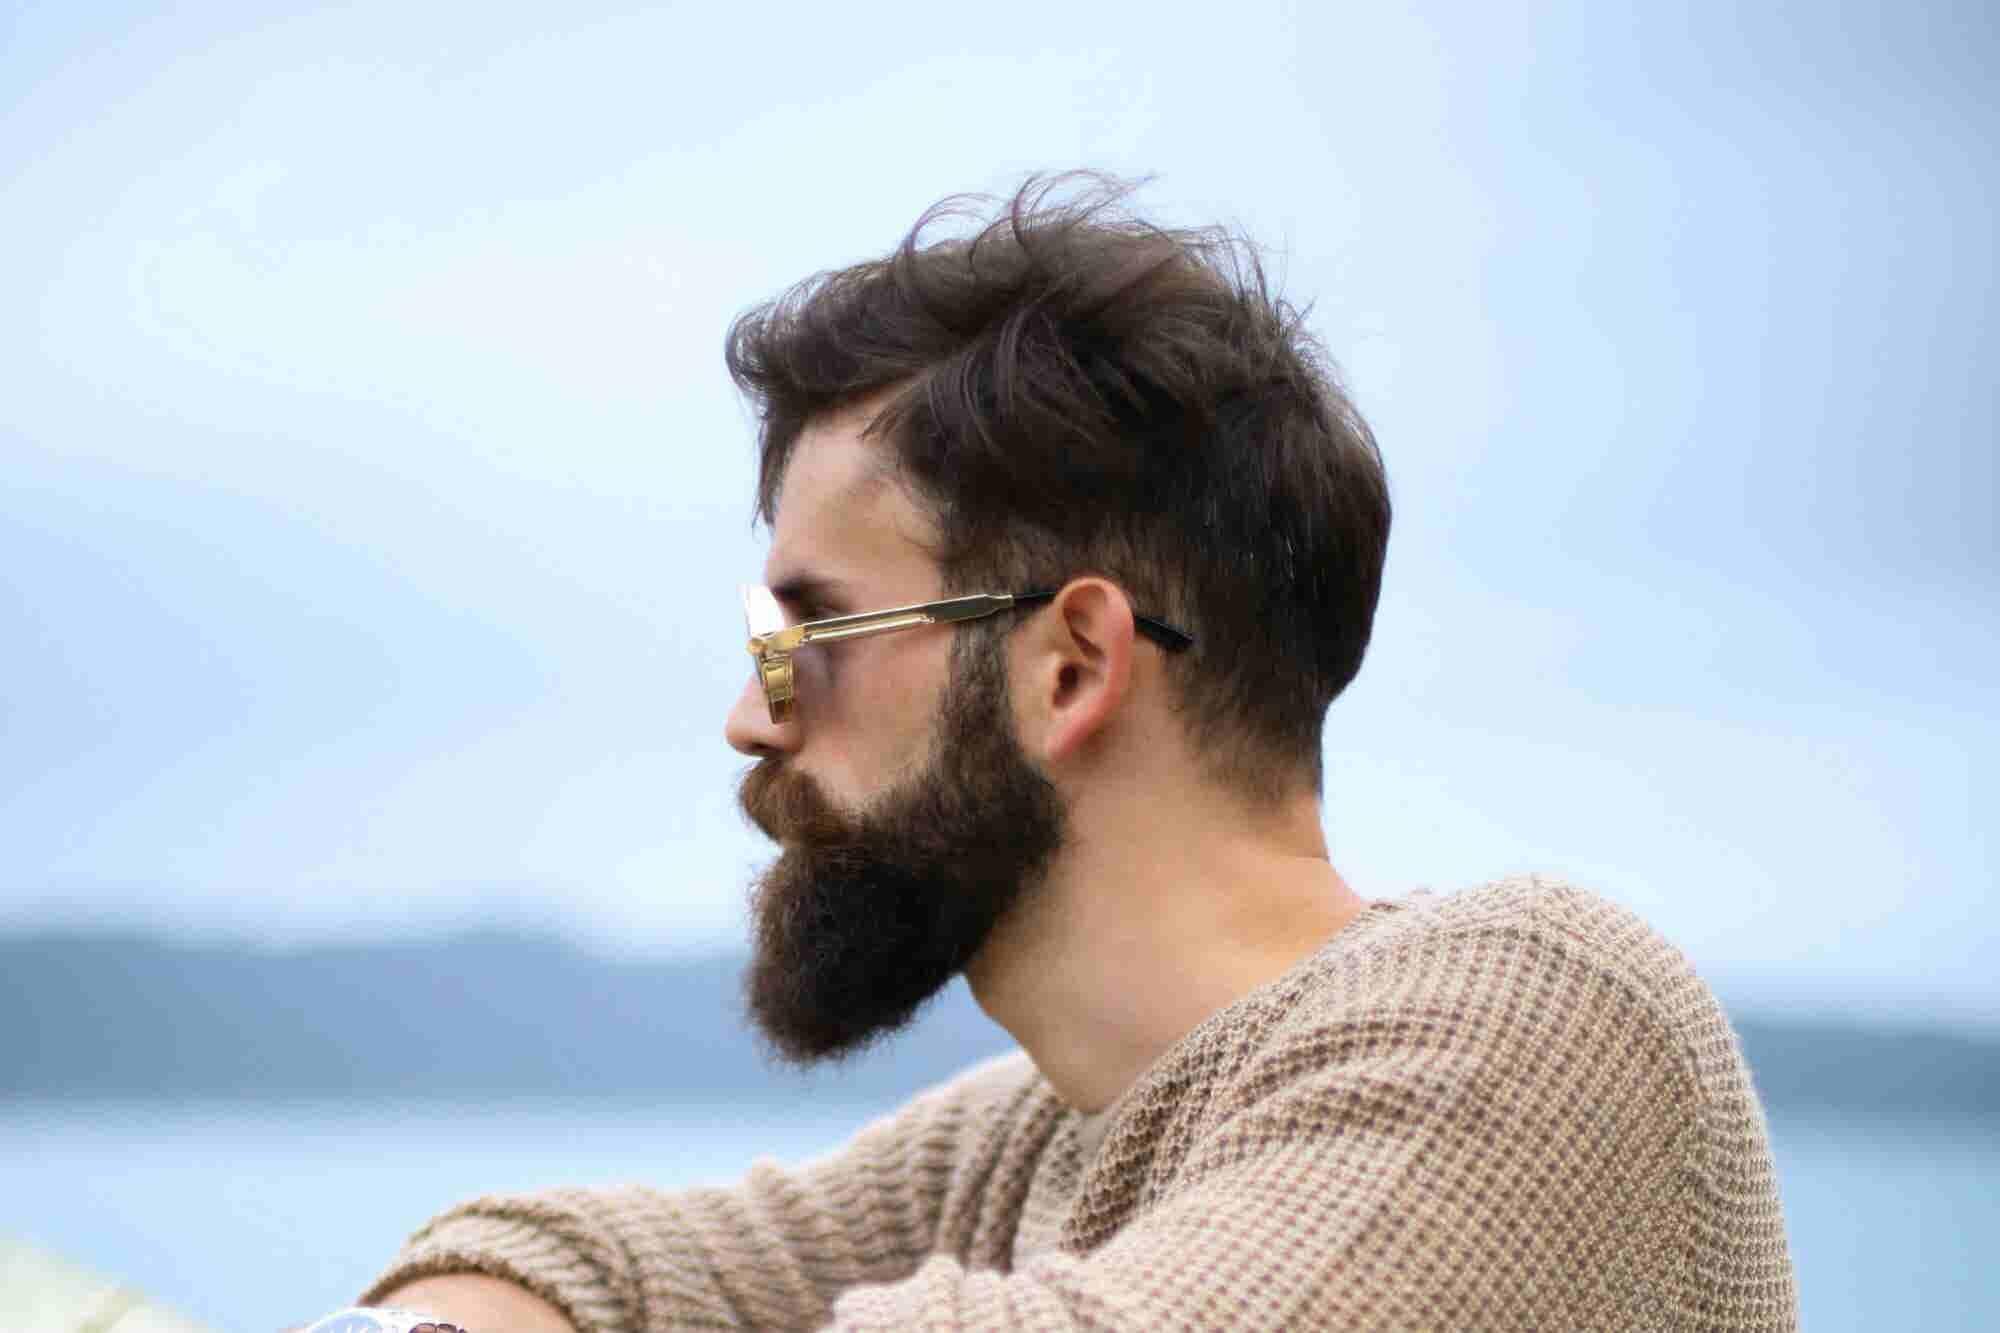 ¡Aprovecha la temporada de regalos y abre una tienda on line de productos para barba!